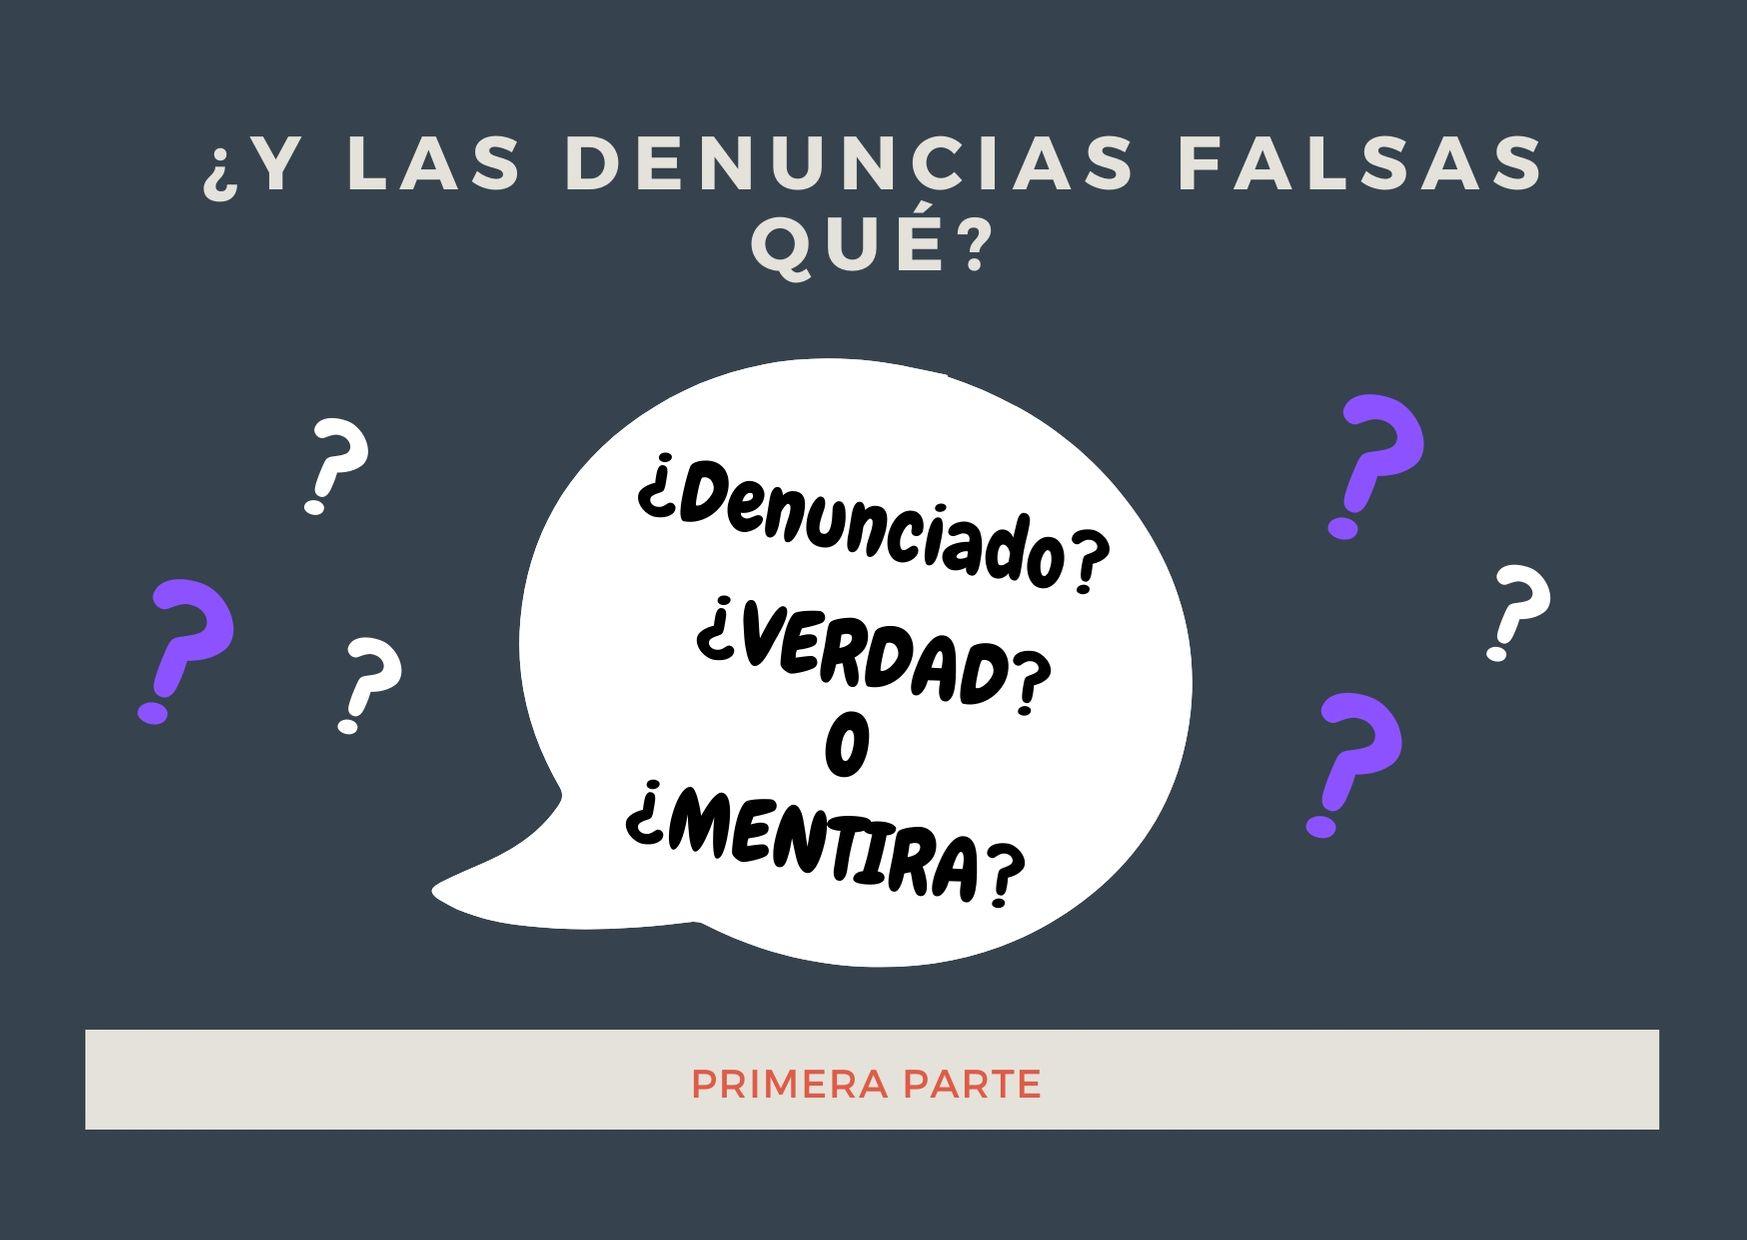 ¿Y las denuncias falsas qué? (Parte 1)